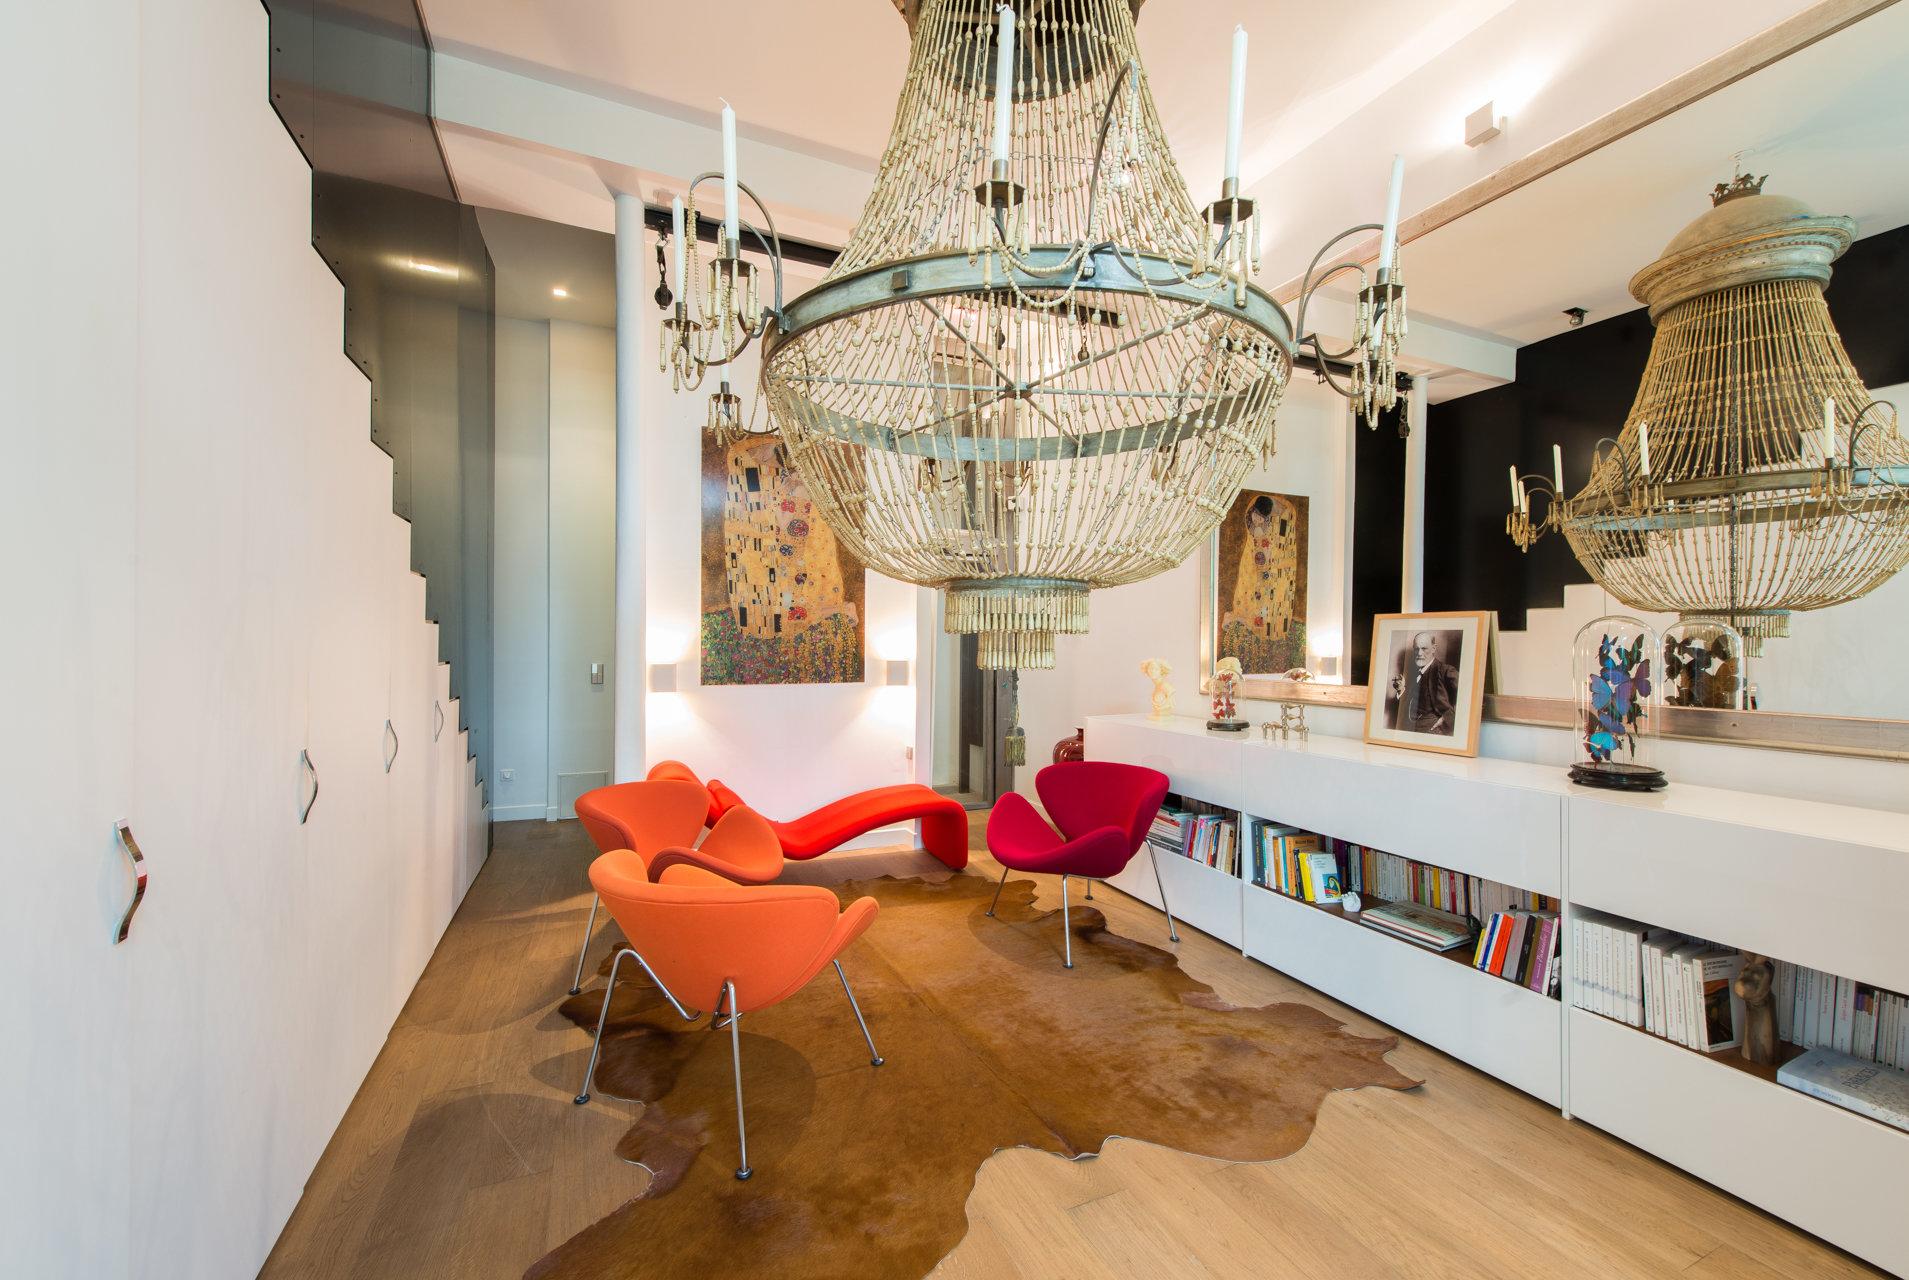 appartement-a-vendre-rue-montorgueil-cour-arboree-sejour-sous-verriere-nombreux-rangements